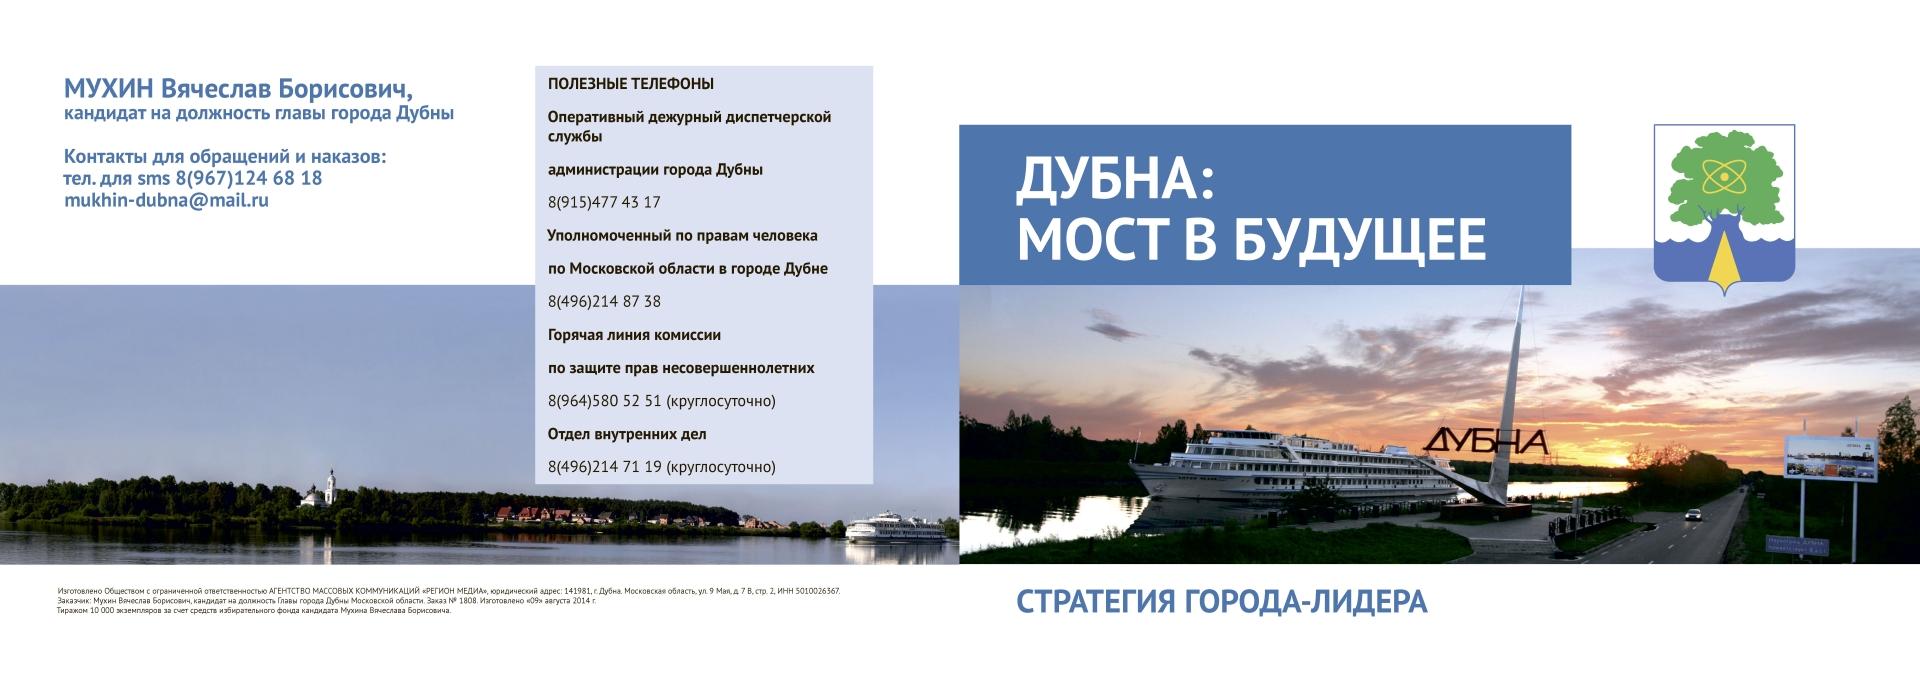 DTS_032_Страница_16